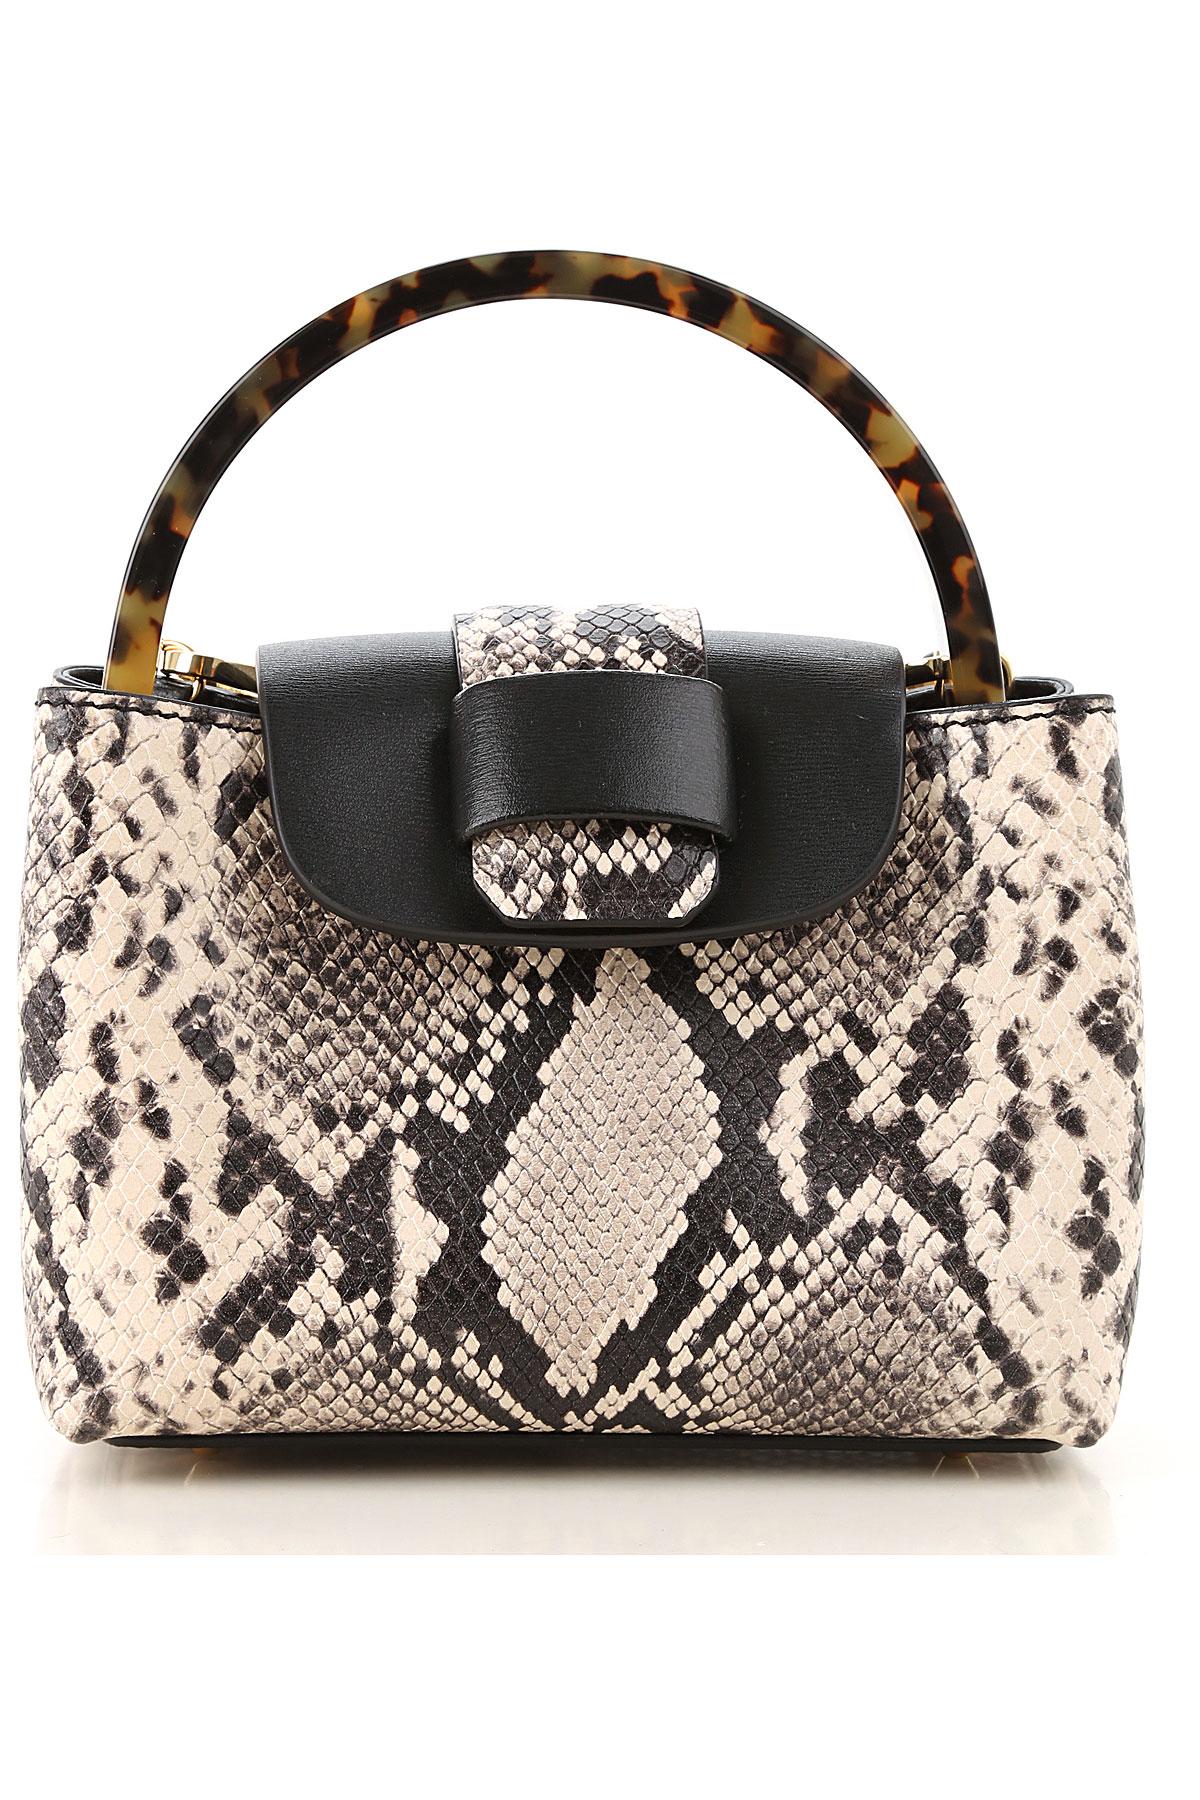 Nico Giani Top Handle Handbag On Sale, Natural, Leather, 2019